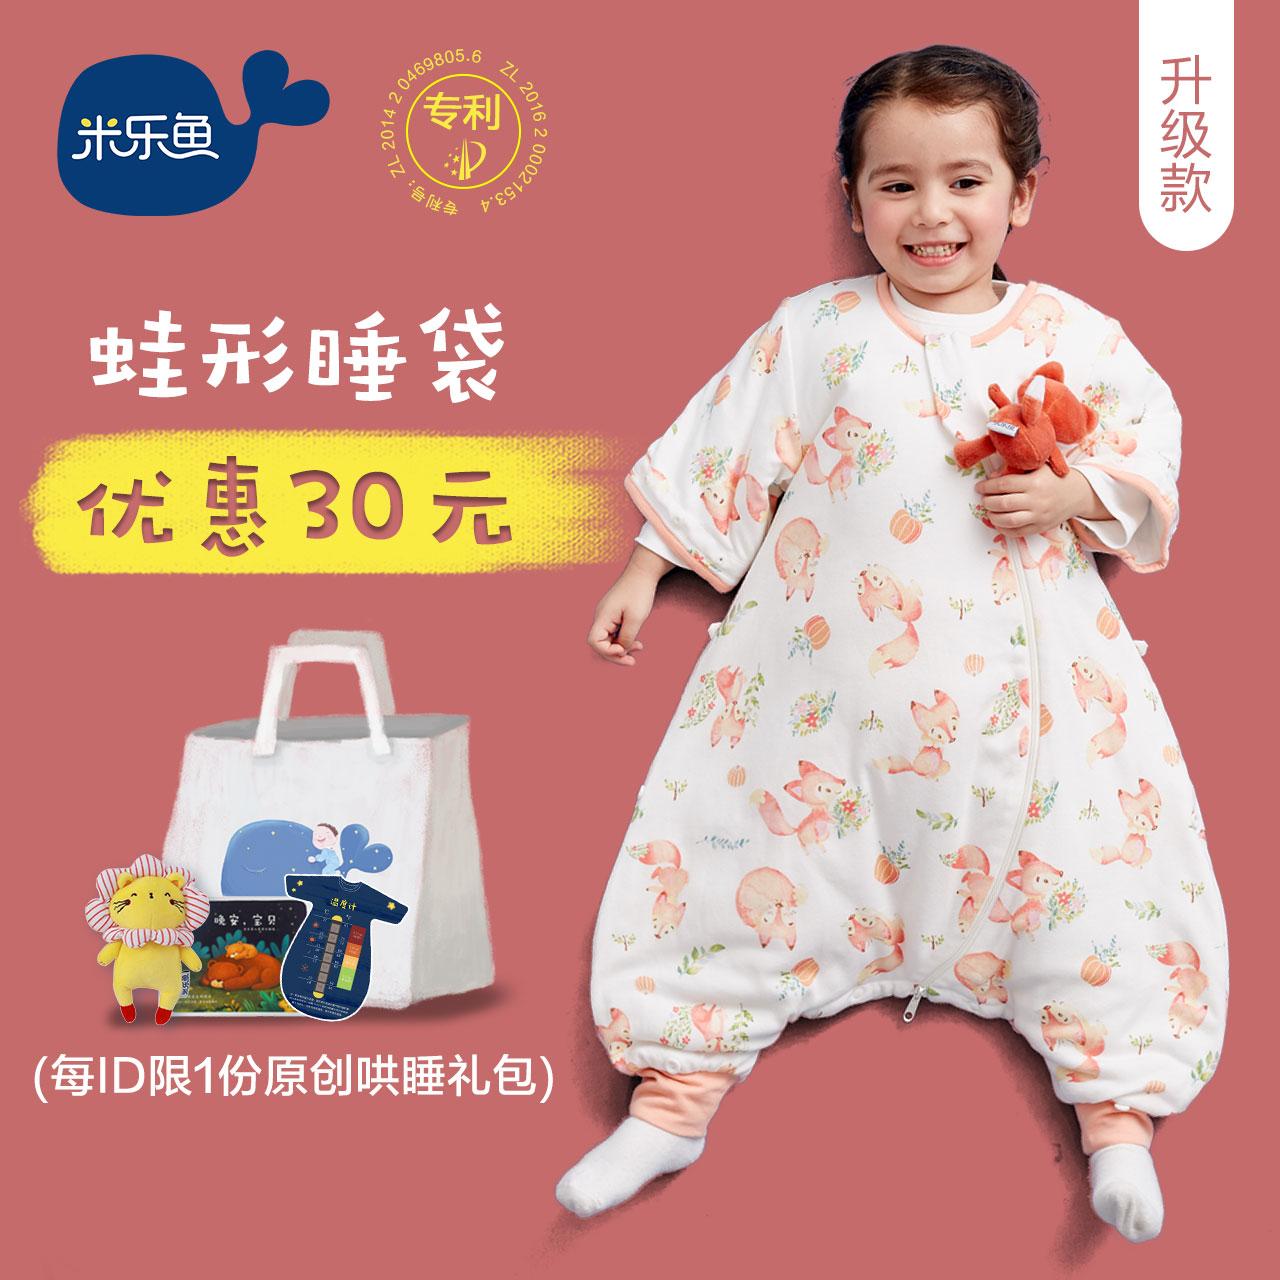 米乐鱼 儿童睡袋秋冬款纯棉加厚宝宝婴幼儿中大童防踢被神器